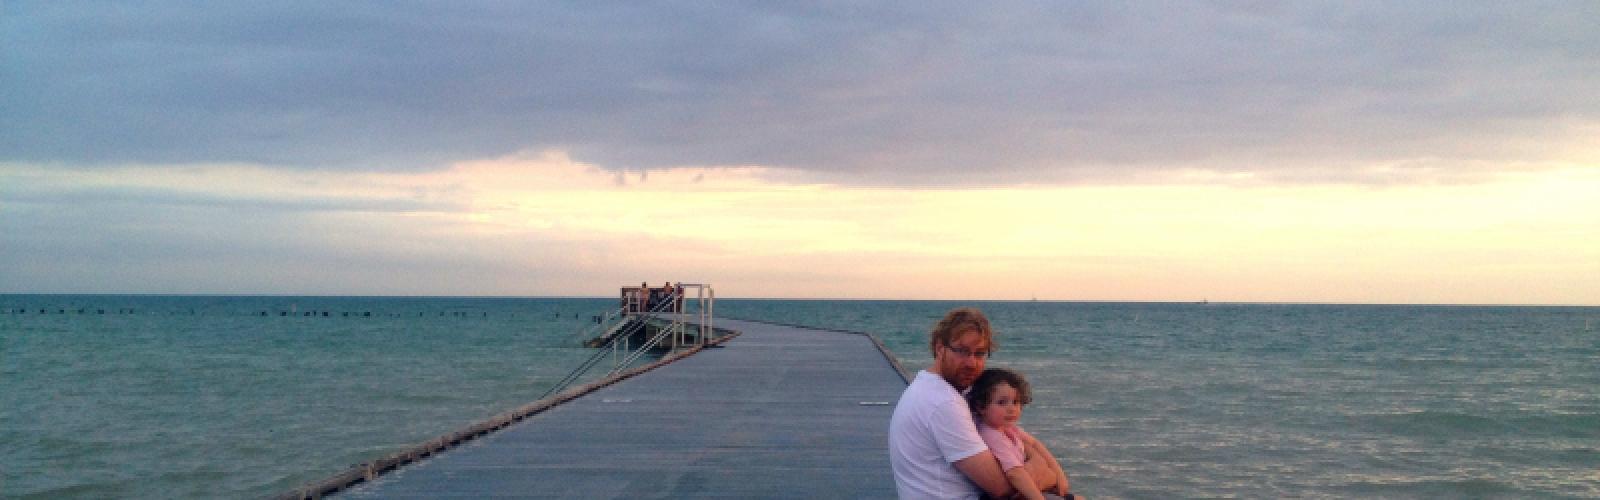 Sunset, Key West, Florida